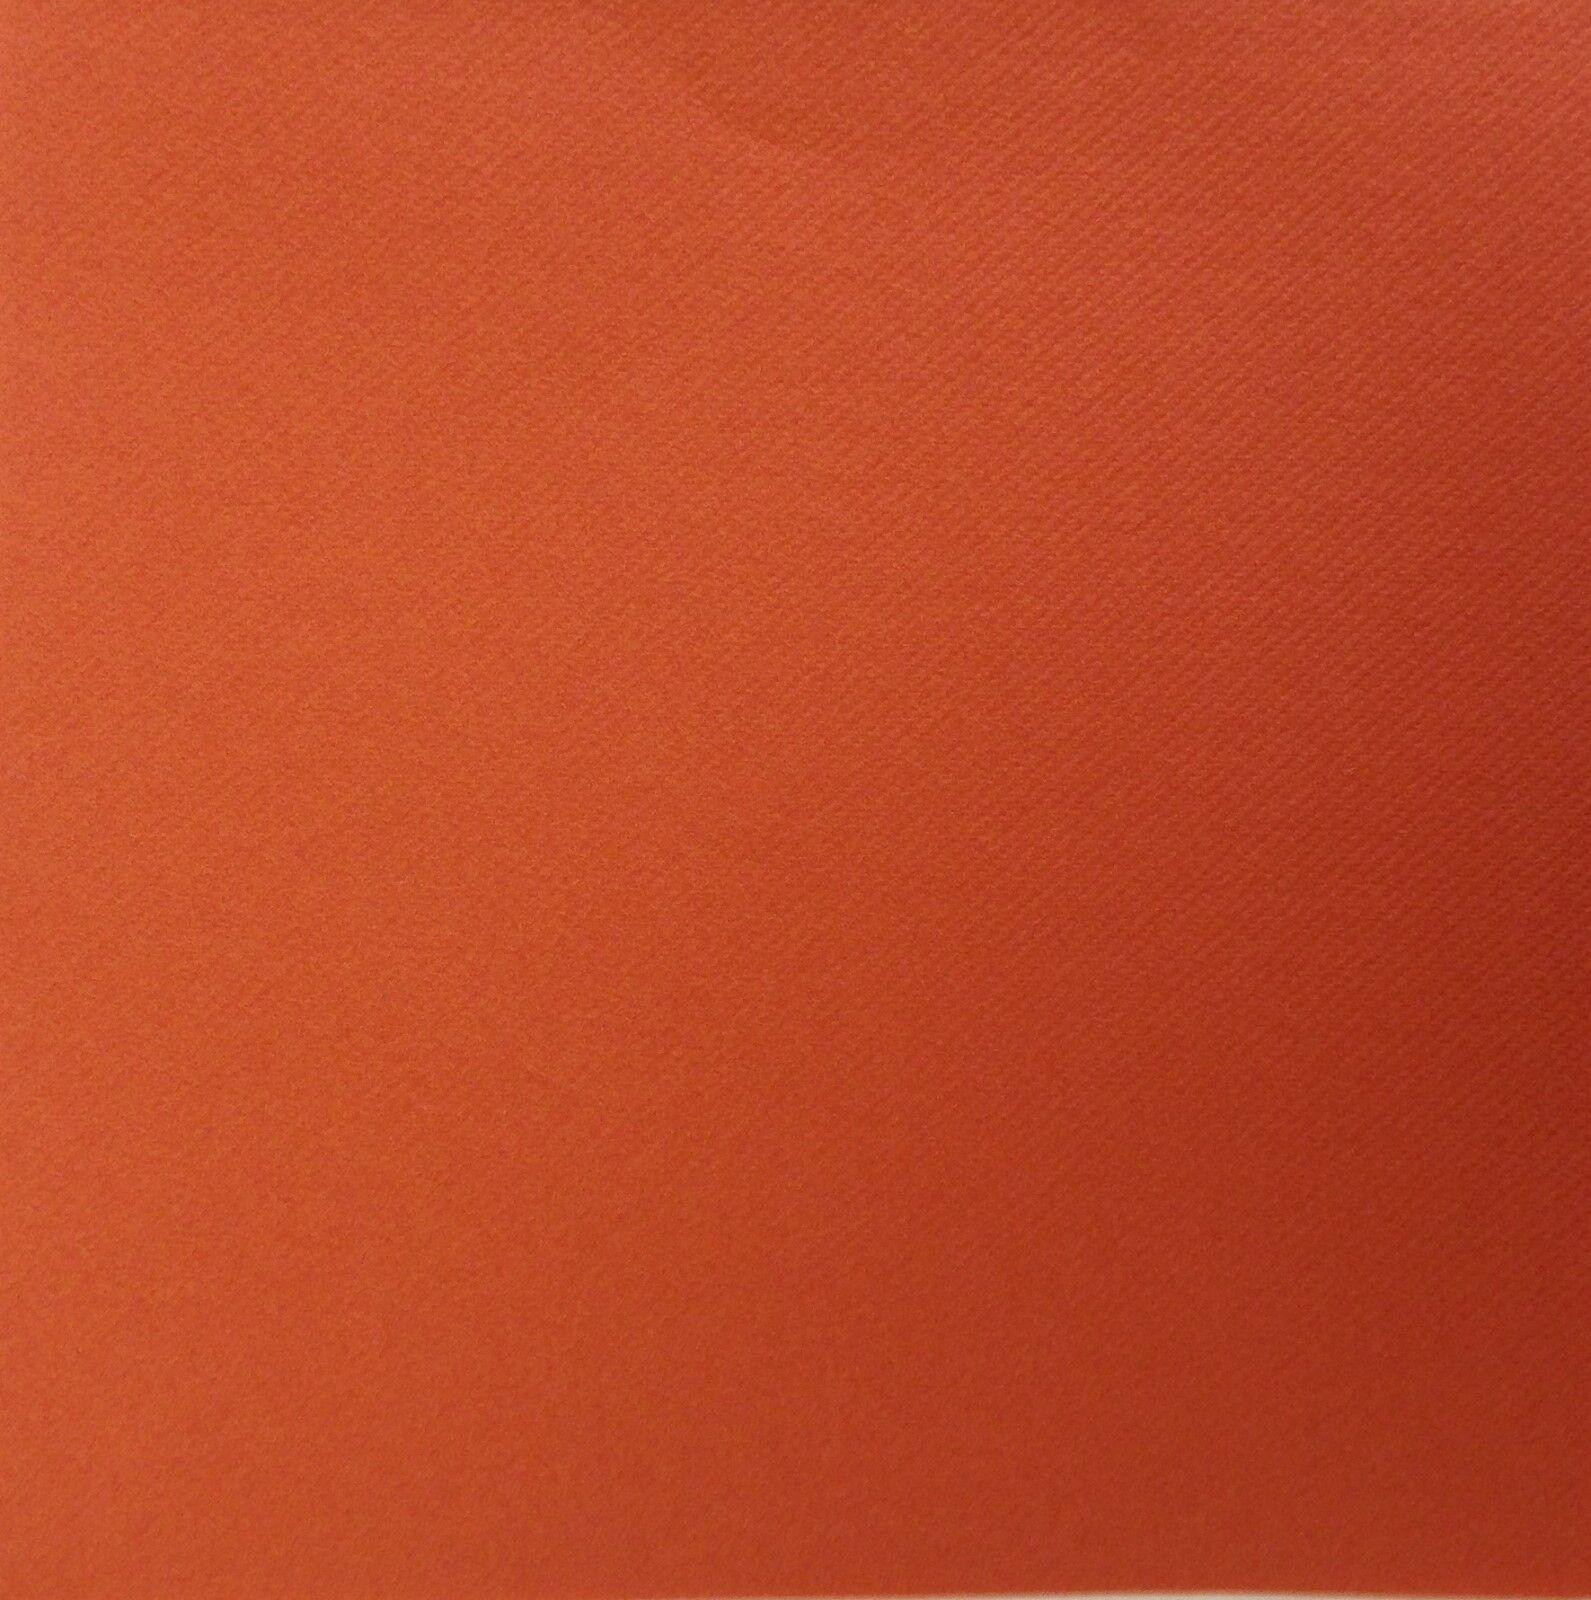 500 x terracottatablin Toison Papier Premium serviettes 40 cm Lin Feel Serviettes